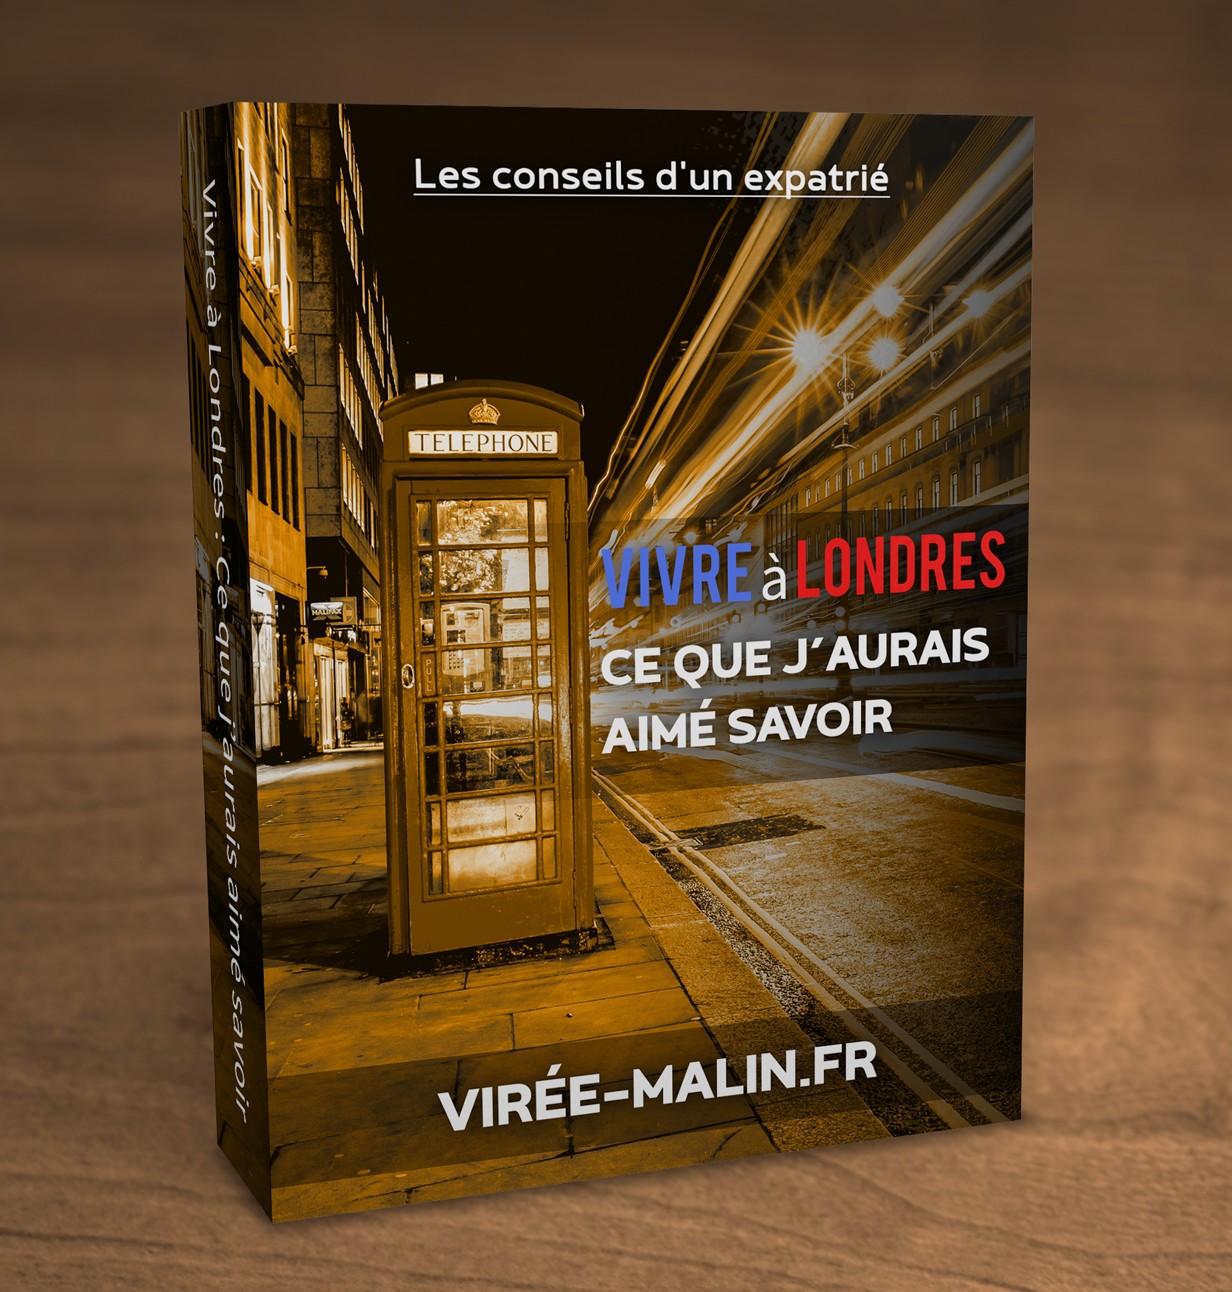 Ebook-vivre-londres-ce-que-jaurais-aime-savoir-viree-malin